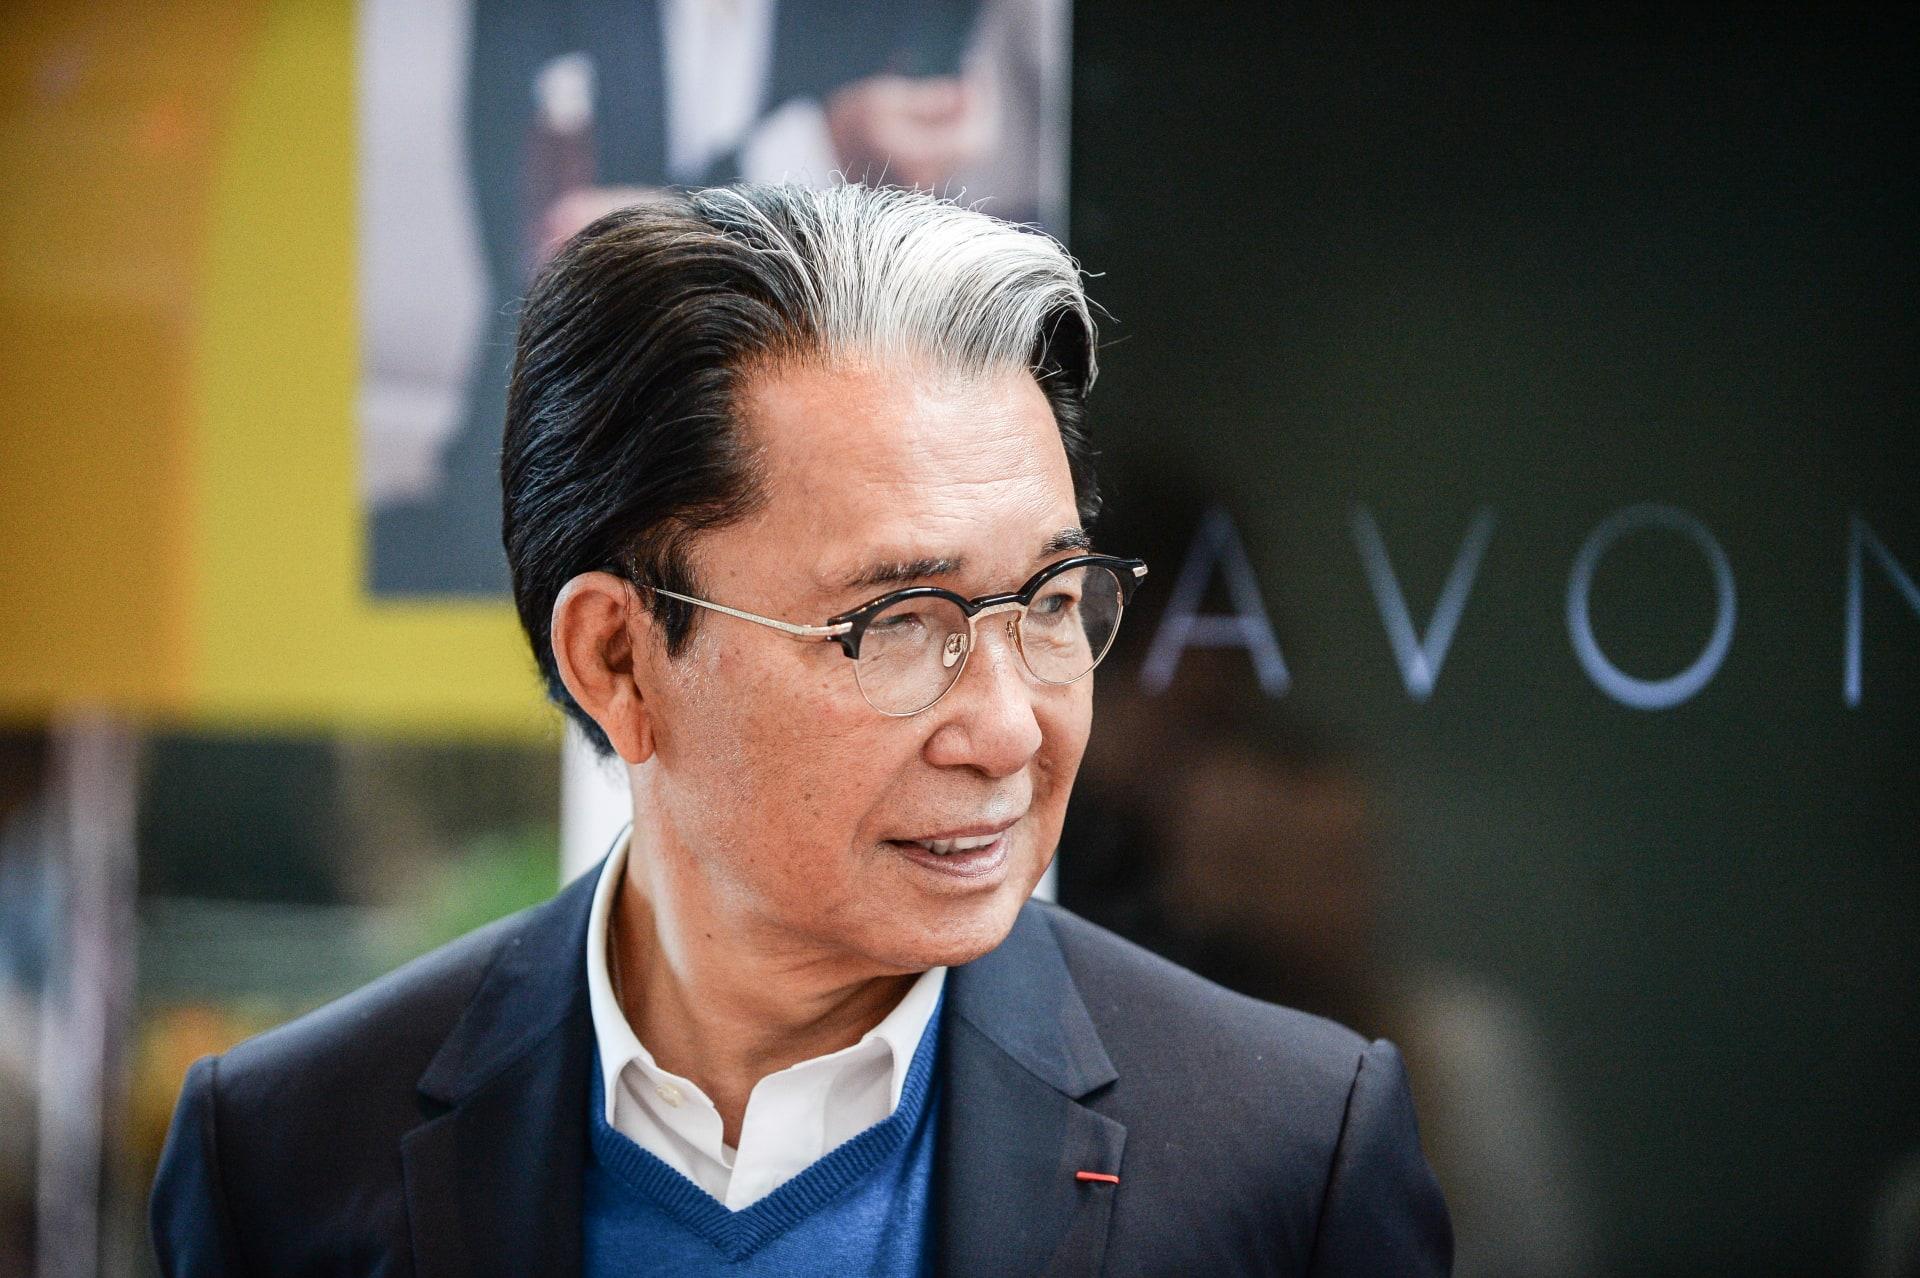 وفاة مصمم الأزياء الياباني كينزو تاكادا متأثرًا بإصابته كورونا